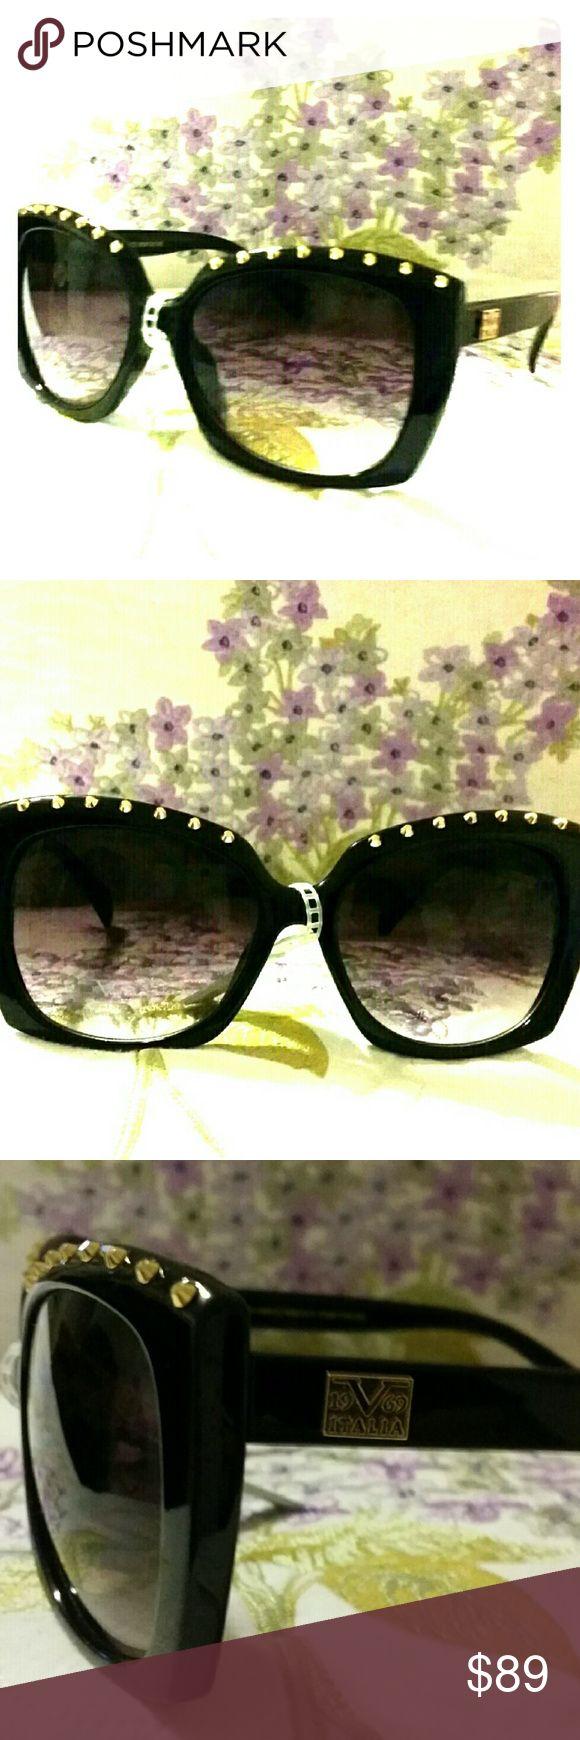 Versace 19.69 Abbigliamento Sportivo Sunglasses New Versace 19.69 Abbigliamento Sportivo sunglasses, gold studded, ?100% UVA & UVB protection Versace 19.69 Abbigliamento Sportivo Accessories Sunglasses